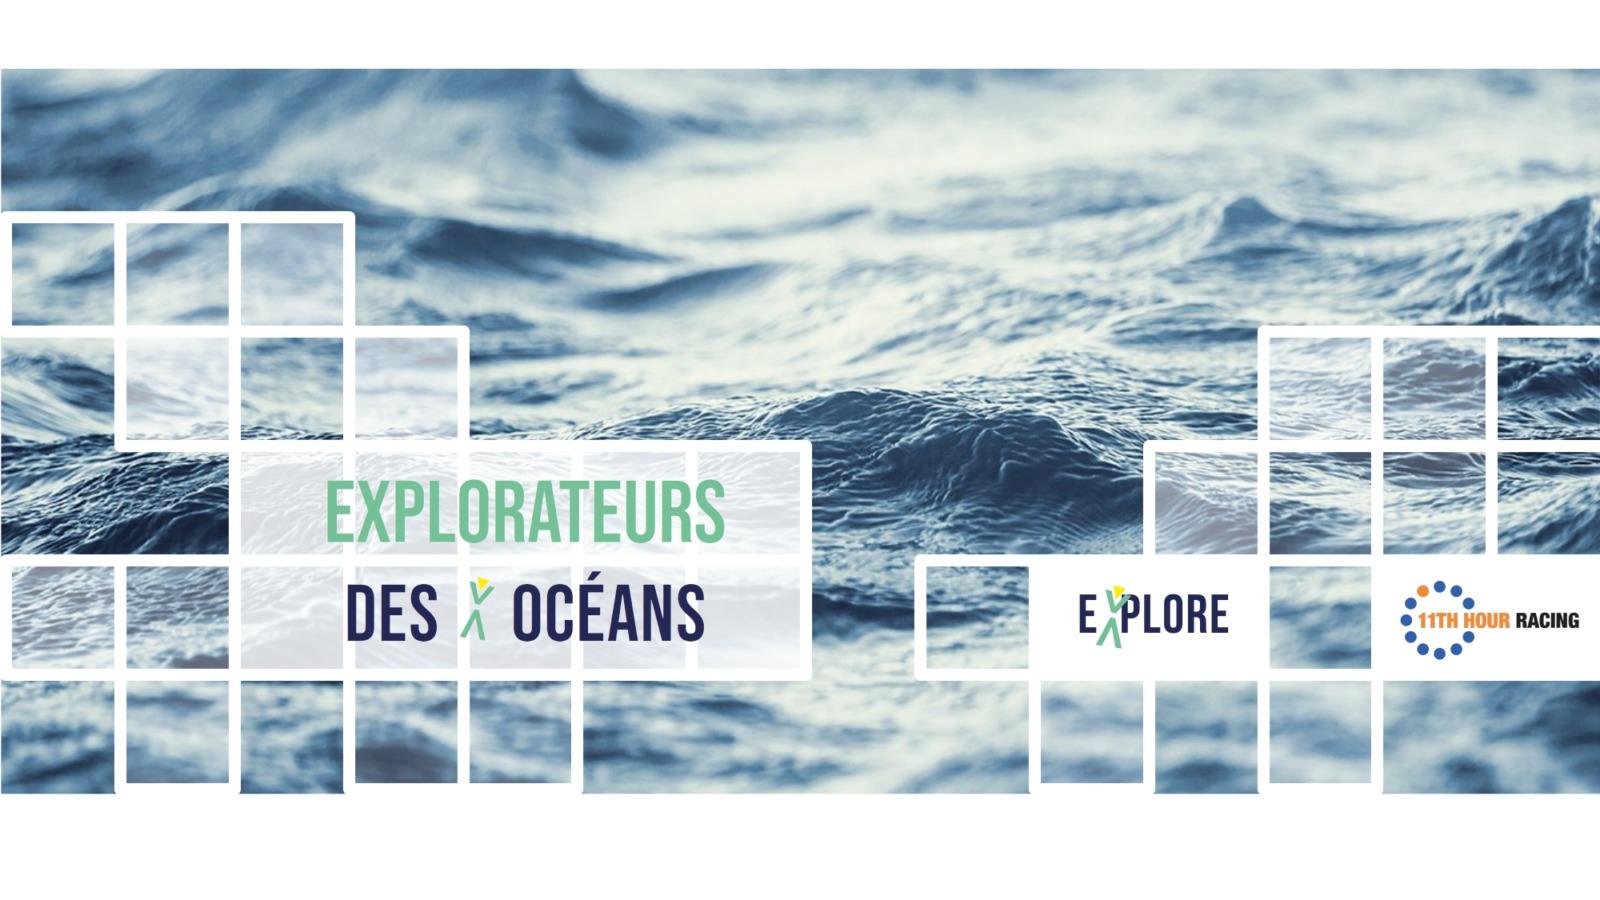 Header_ExplHeader_dispositif Explorateur des Océans_Explore_sensibilisation educationorateur des Océans_Explore